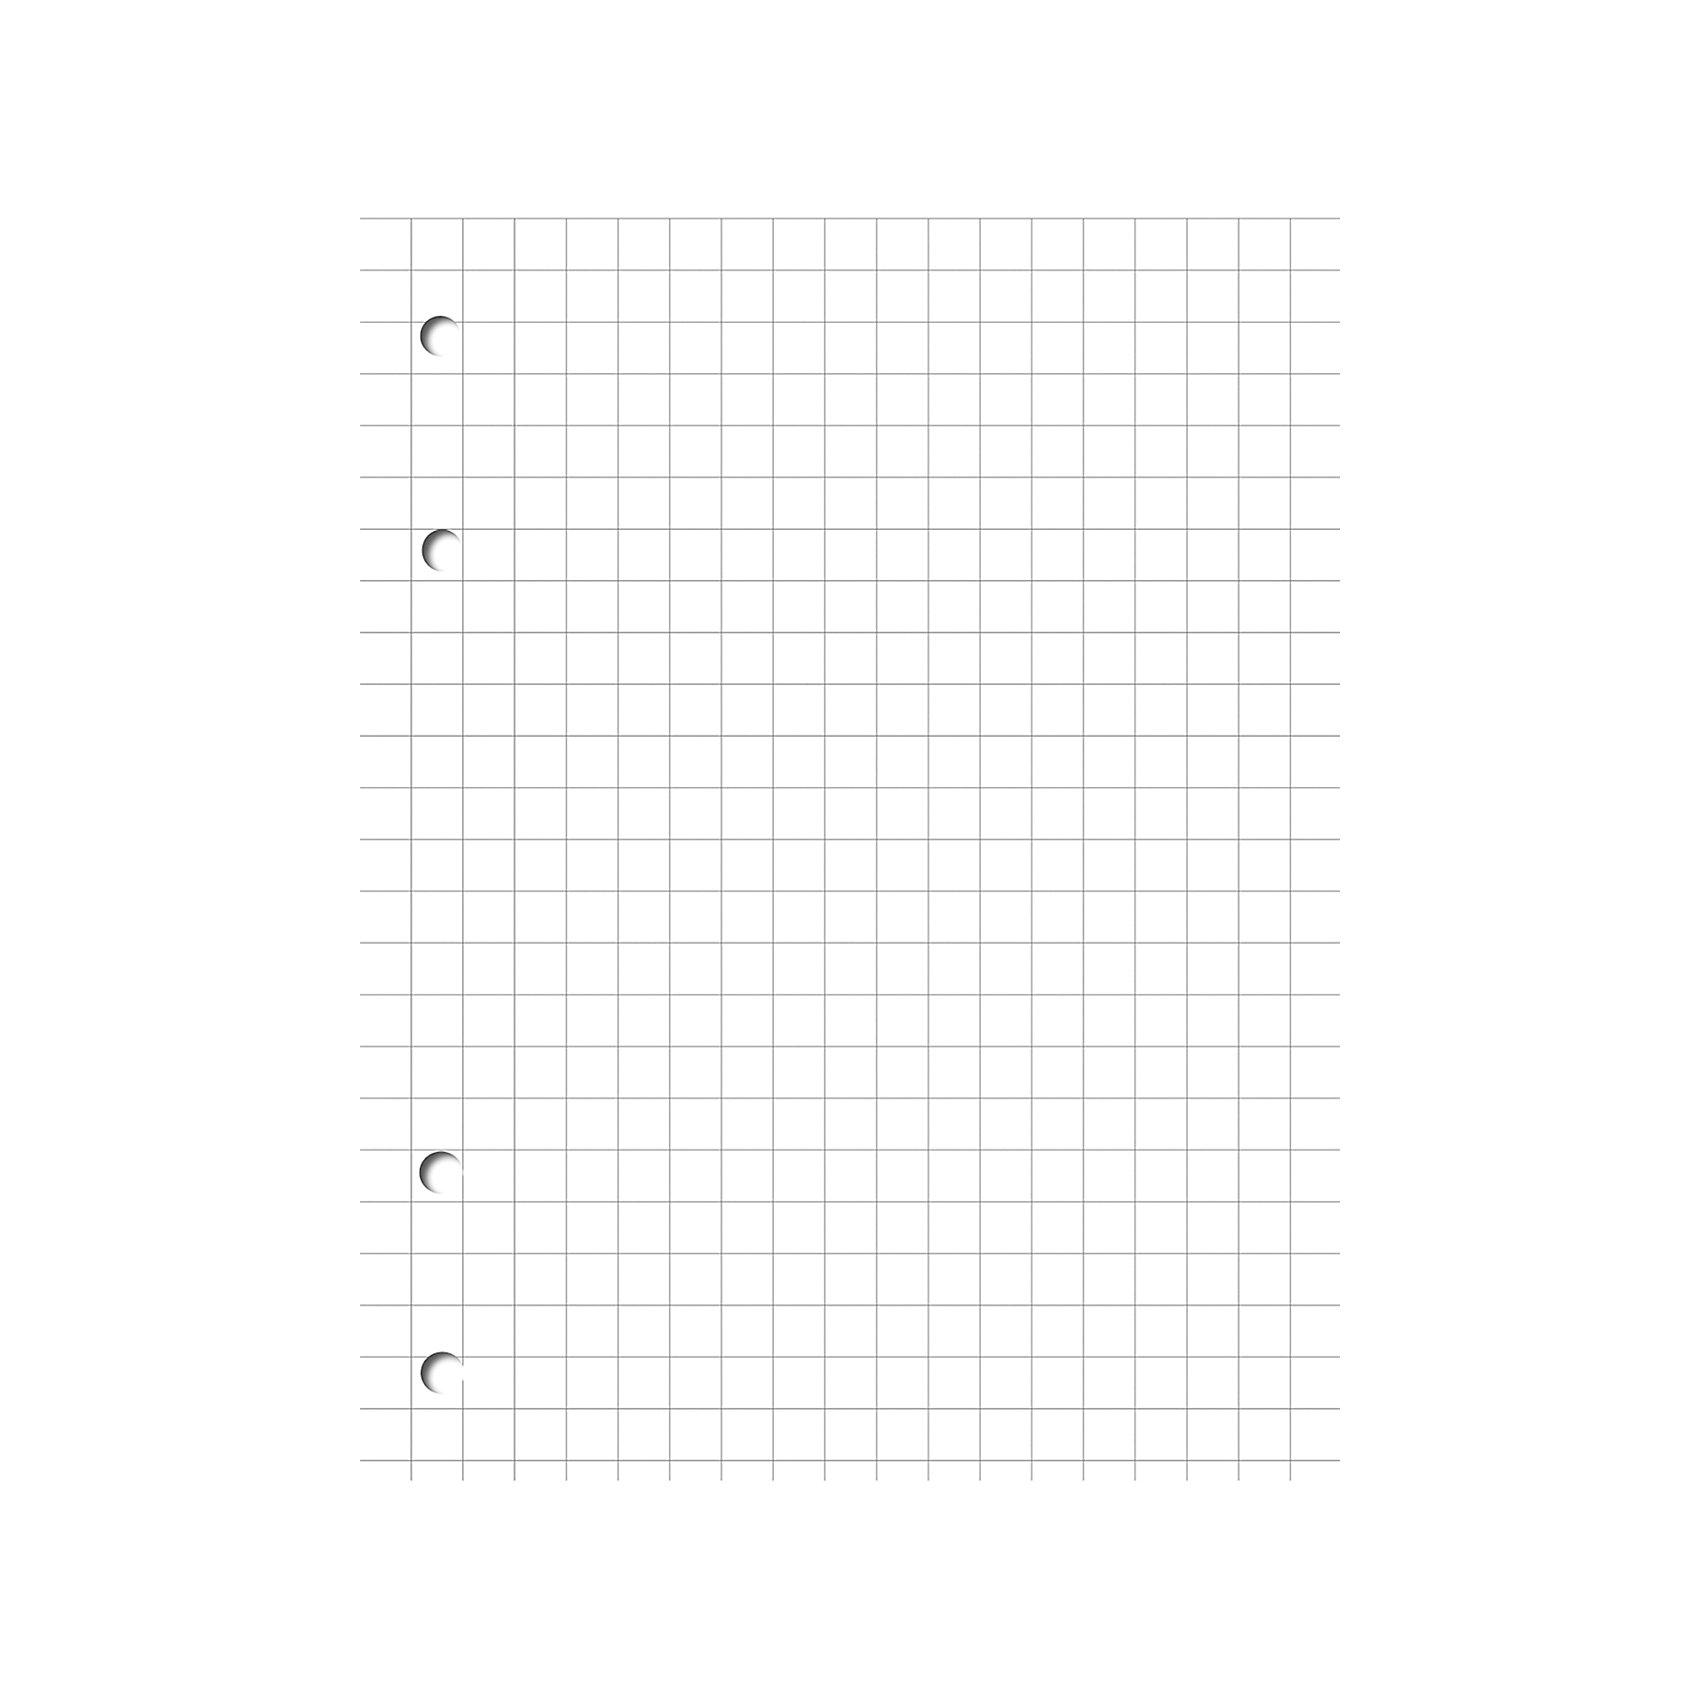 Блок сменный формата А4, 100 листов, белый, клетка.Бумажная продукция<br>Характеристики товара:<br><br>• возраст: от 6 лет;<br>• упаковка: термопленка;<br>• формат: А5;<br>• количество листов: 200;<br>• разметка: в клетку;<br>• бумага: офсетная тонированая;<br>• размер: 21х14,8 см.;<br>• вес: 290 гр.;<br>• страна бренда: Россия;<br>• страна изготовитель: Россия.<br><br>Блок сменный формата А4, 100 листов, белый, клетка - состоит из 100 листов белого цвета упакованных в термопленку, подходит для тетрадей на кольцах всех российских производителей.<br><br>Блок сменный формата А4, 100 листов, белый, клетка, можно купить в нашем интернет-магазине.<br><br>Ширина мм: 270<br>Глубина мм: 190<br>Высота мм: 9<br>Вес г: 292<br>Возраст от месяцев: 36<br>Возраст до месяцев: 1188<br>Пол: Унисекс<br>Возраст: Детский<br>SKU: 6992594